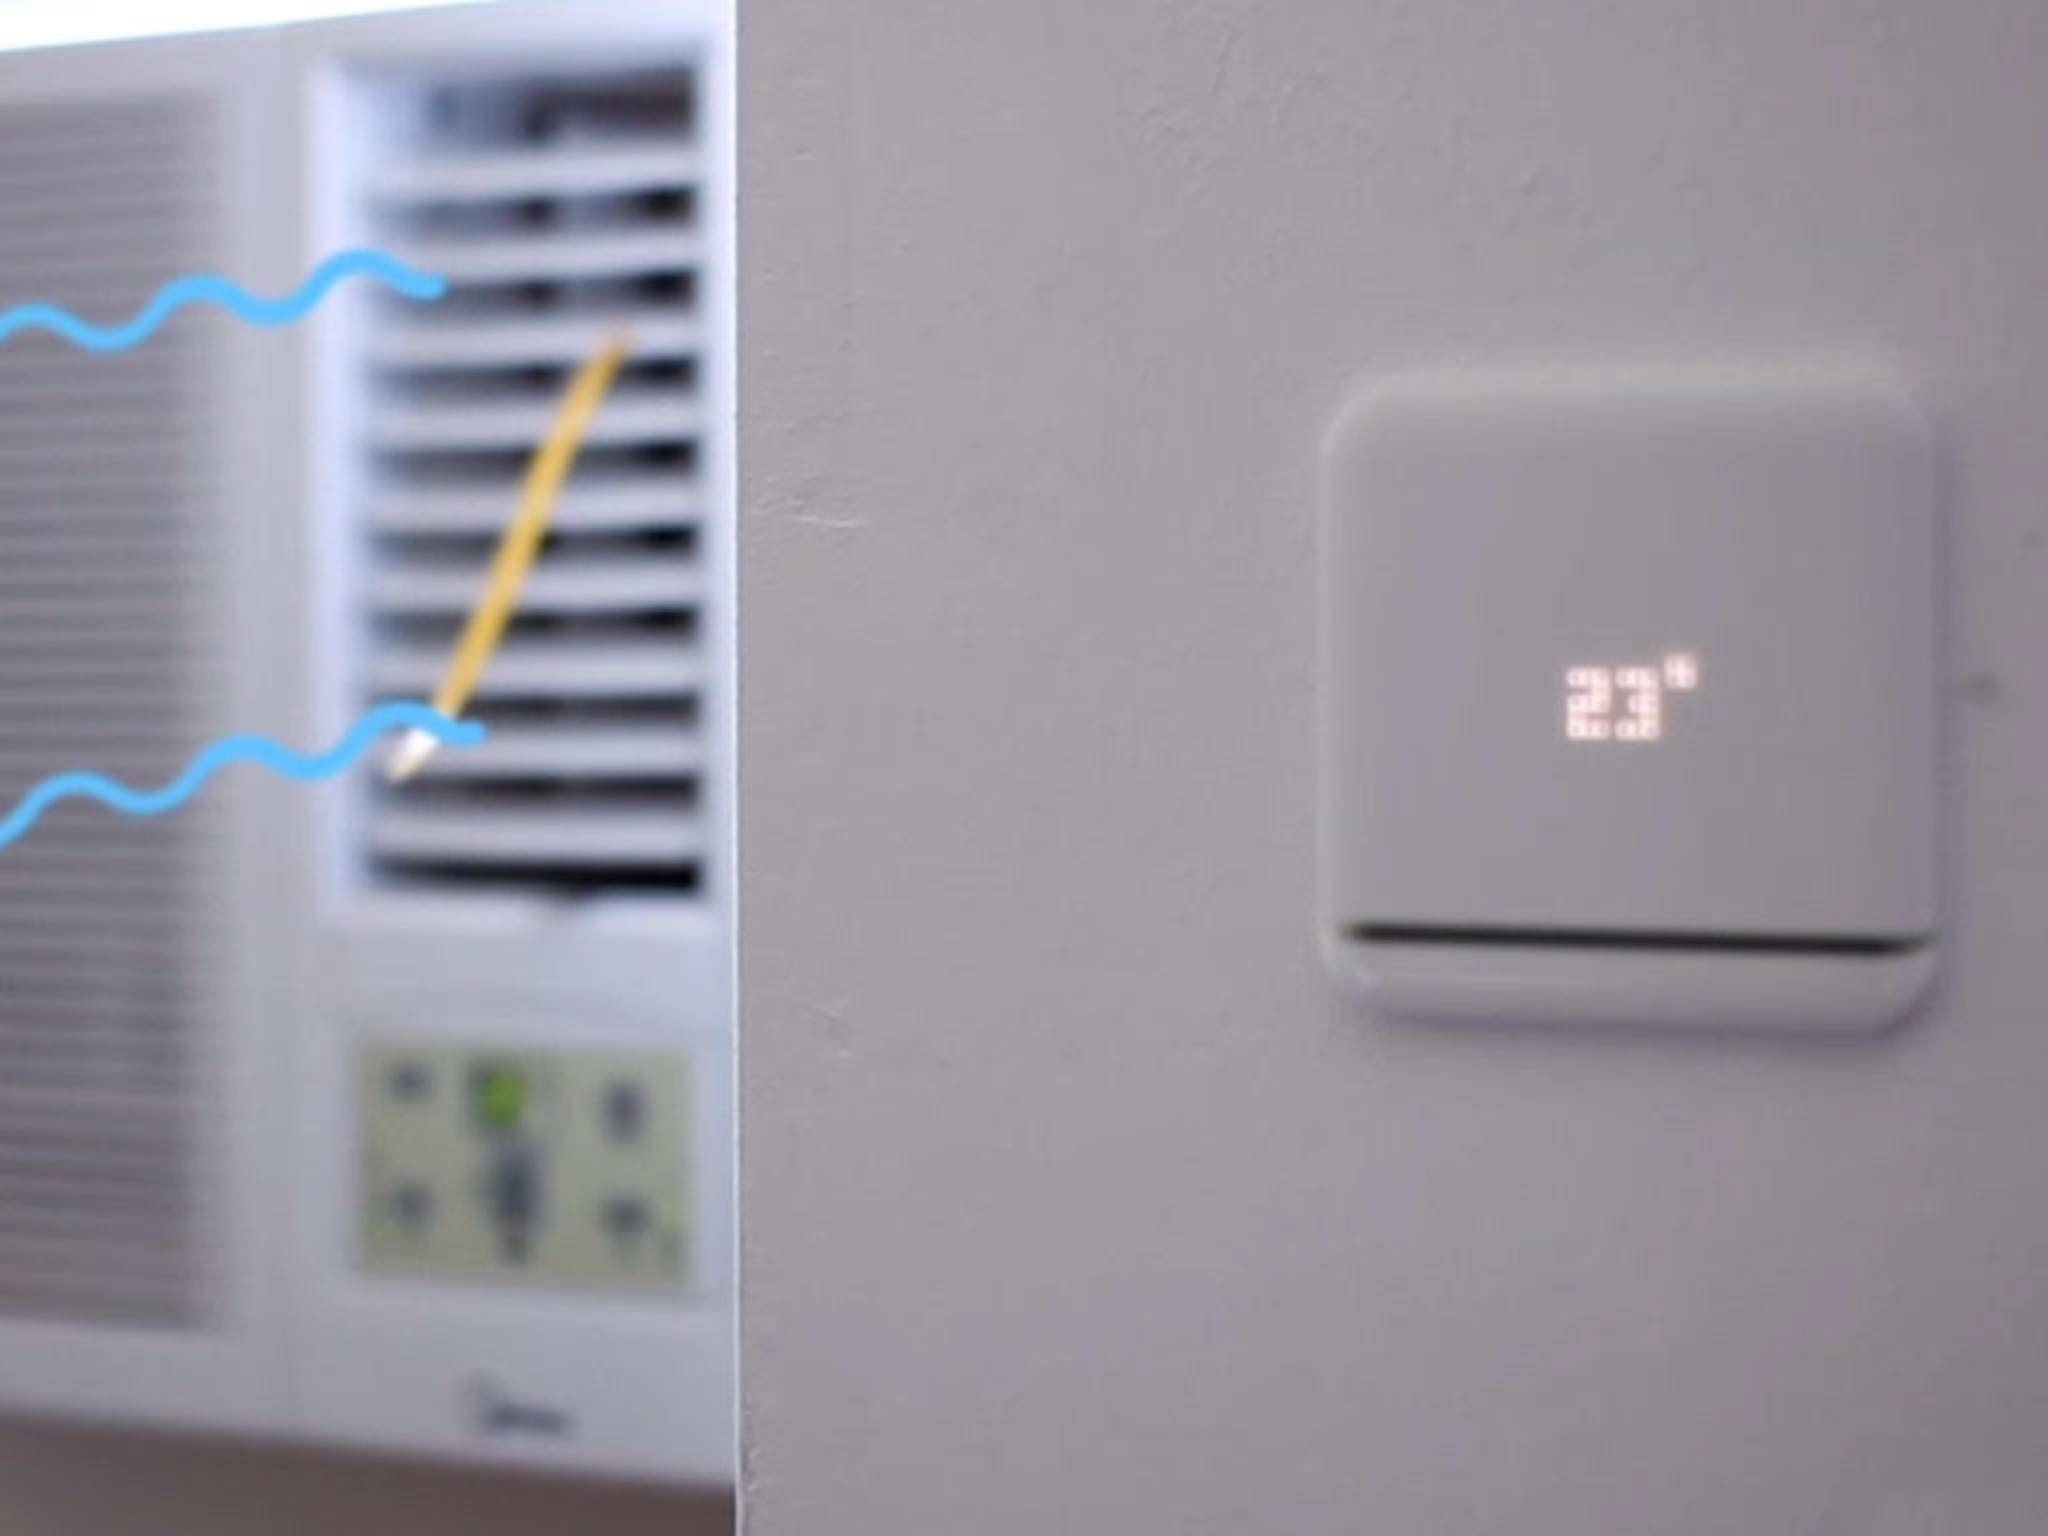 Mit dem Tado-Gerät lassen sich Klimaanlagen steuern.